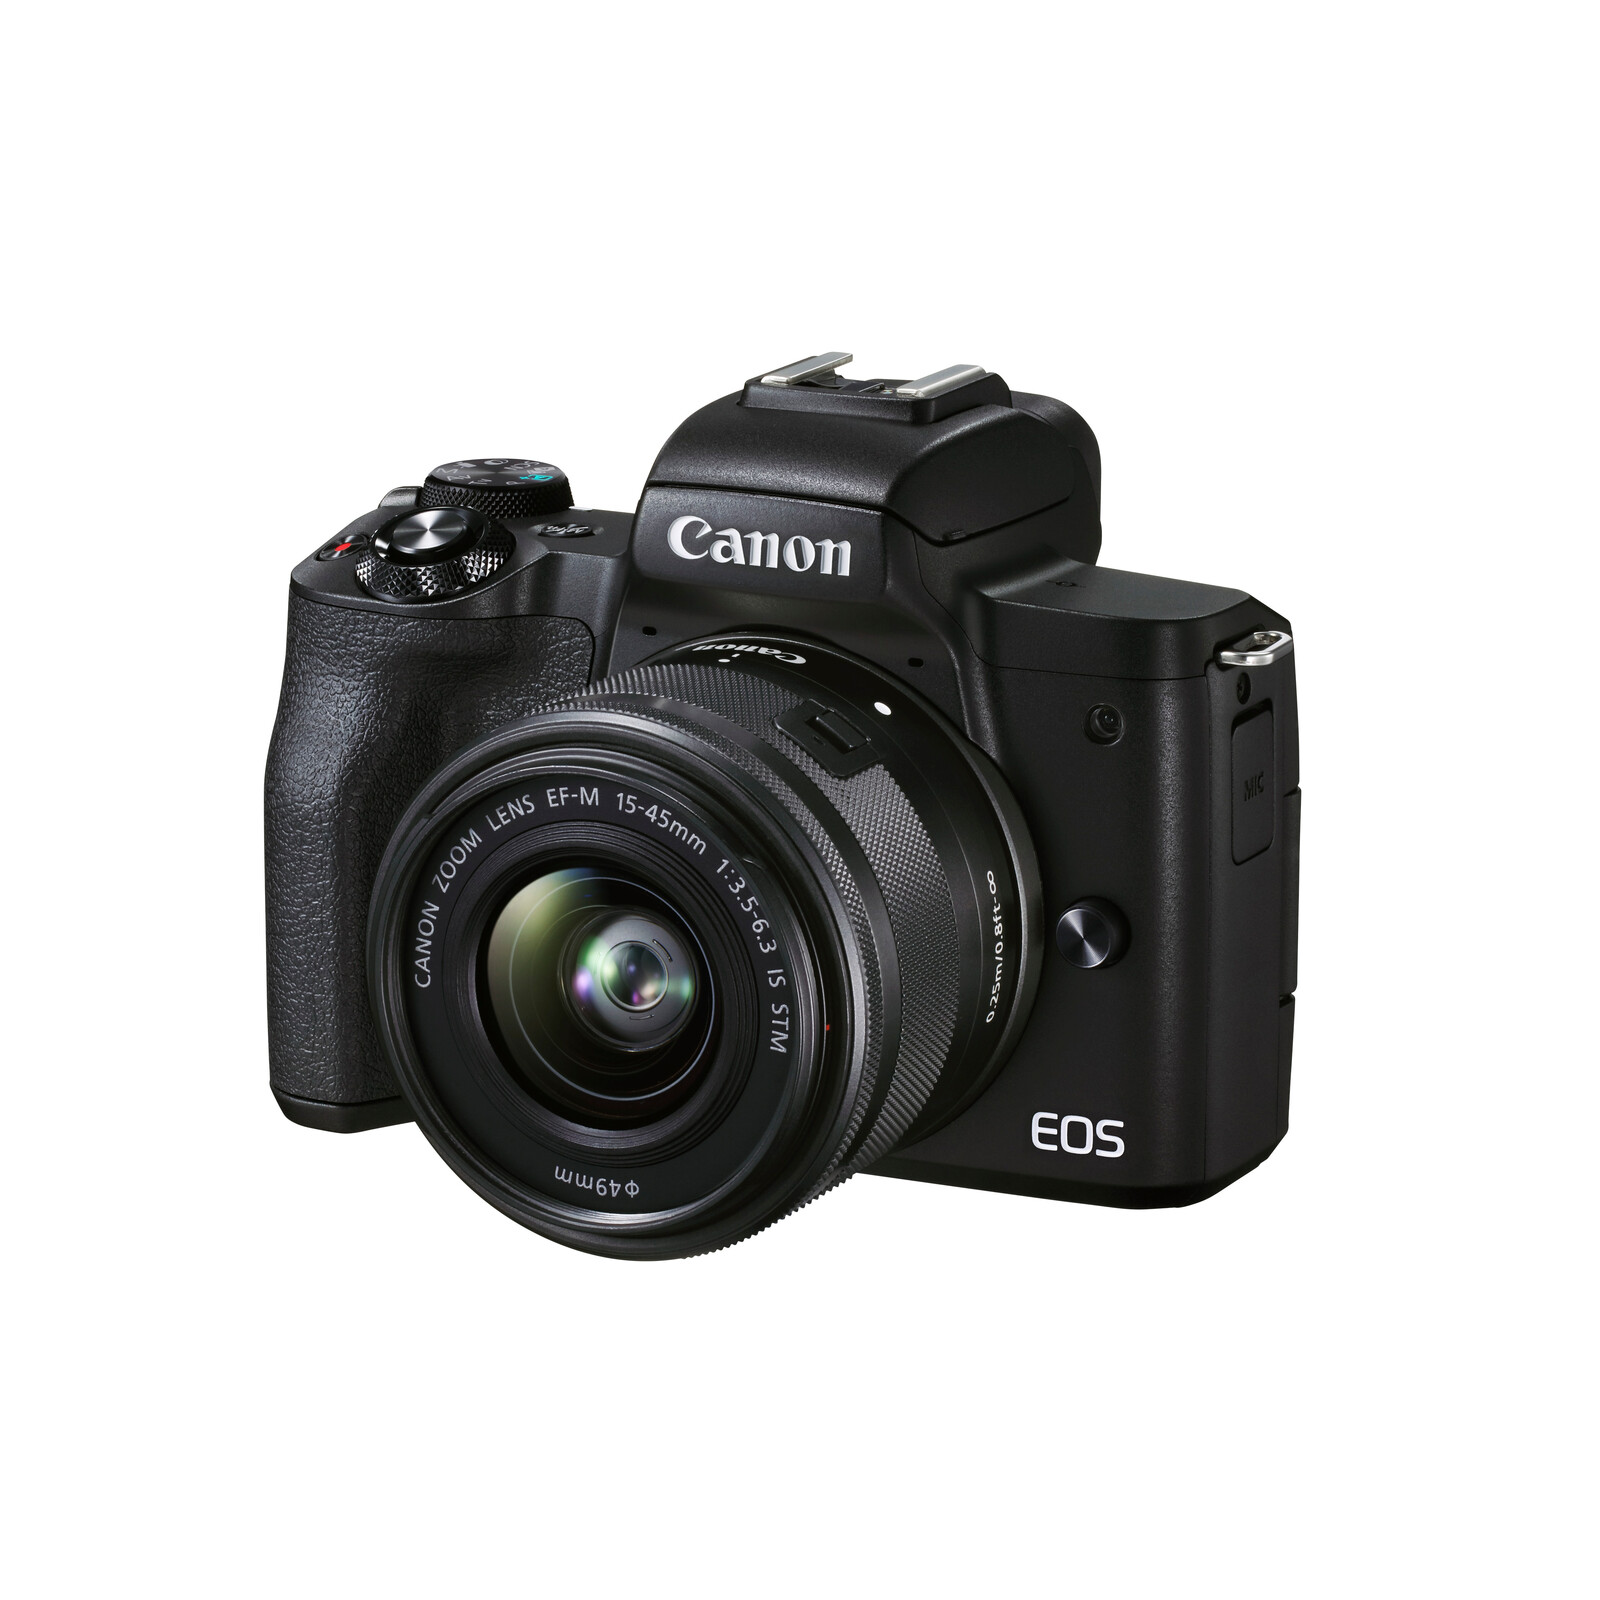 Canon EOS M50 Mark II Gehäuse + EF-M 15-45mm f3.5-6.3 Kit